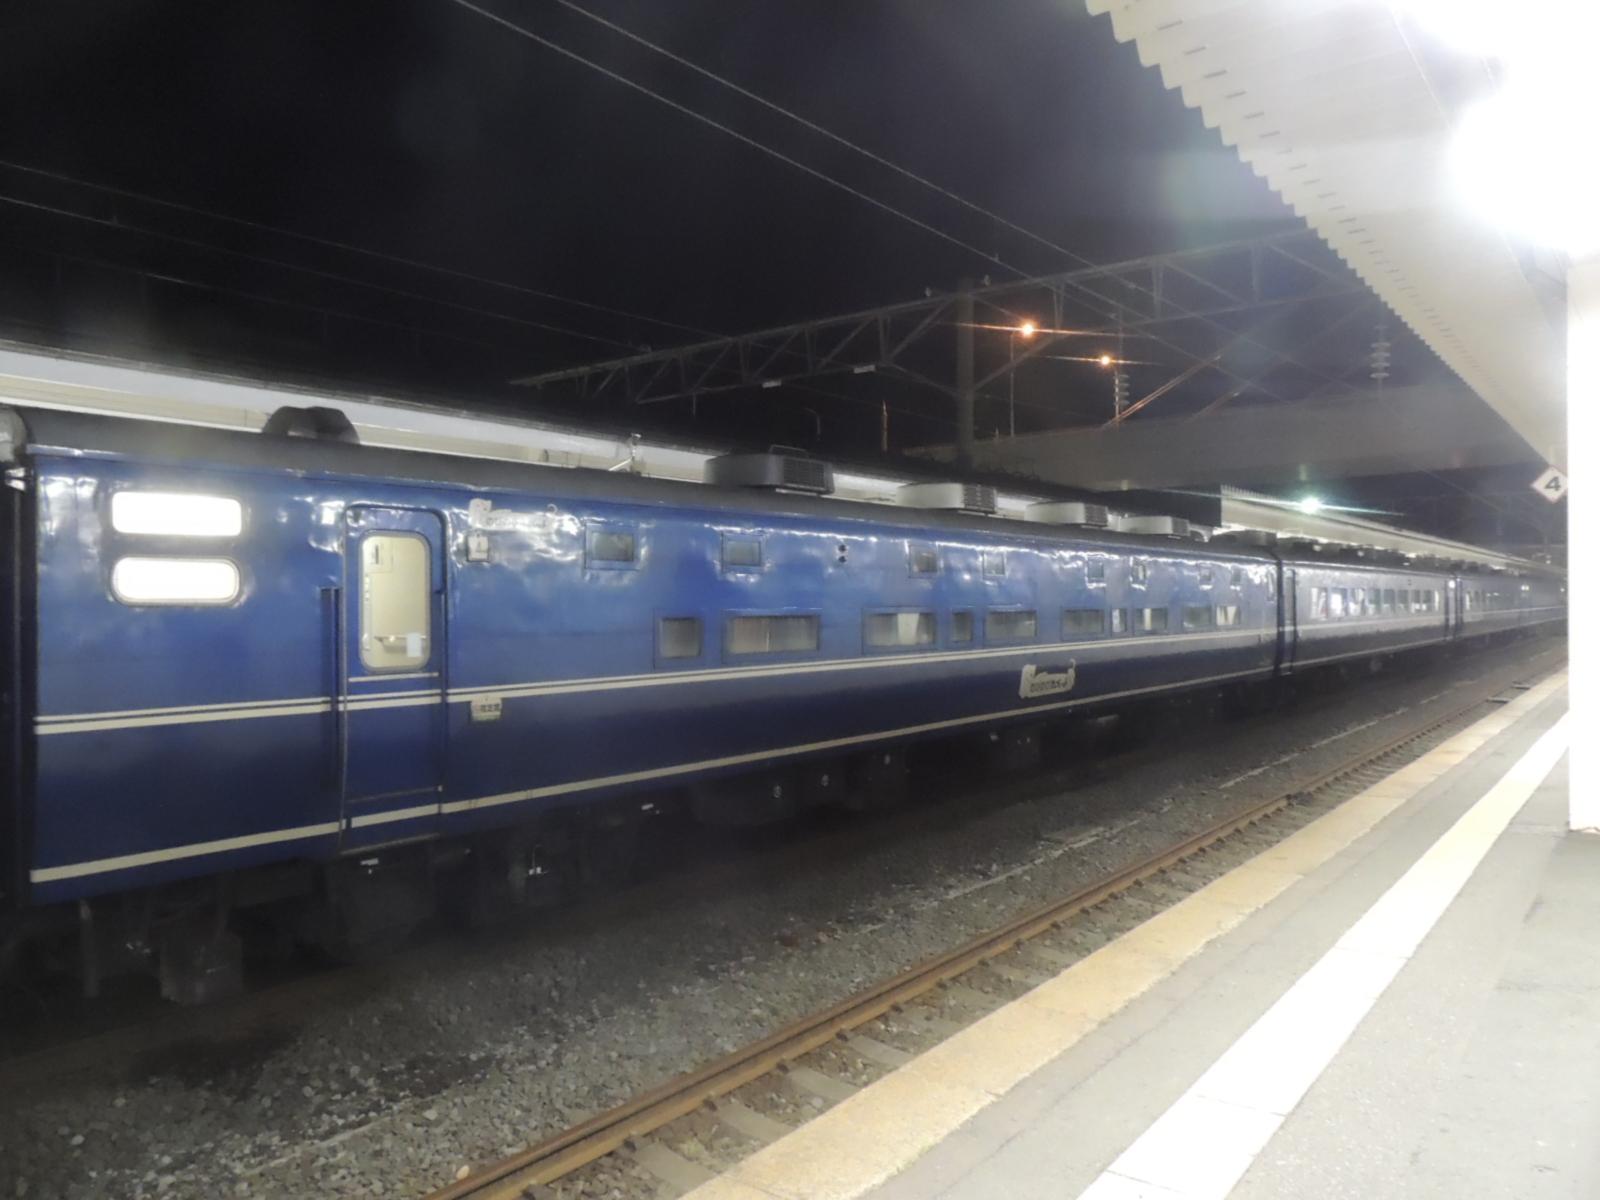 DSCN2881.jpg